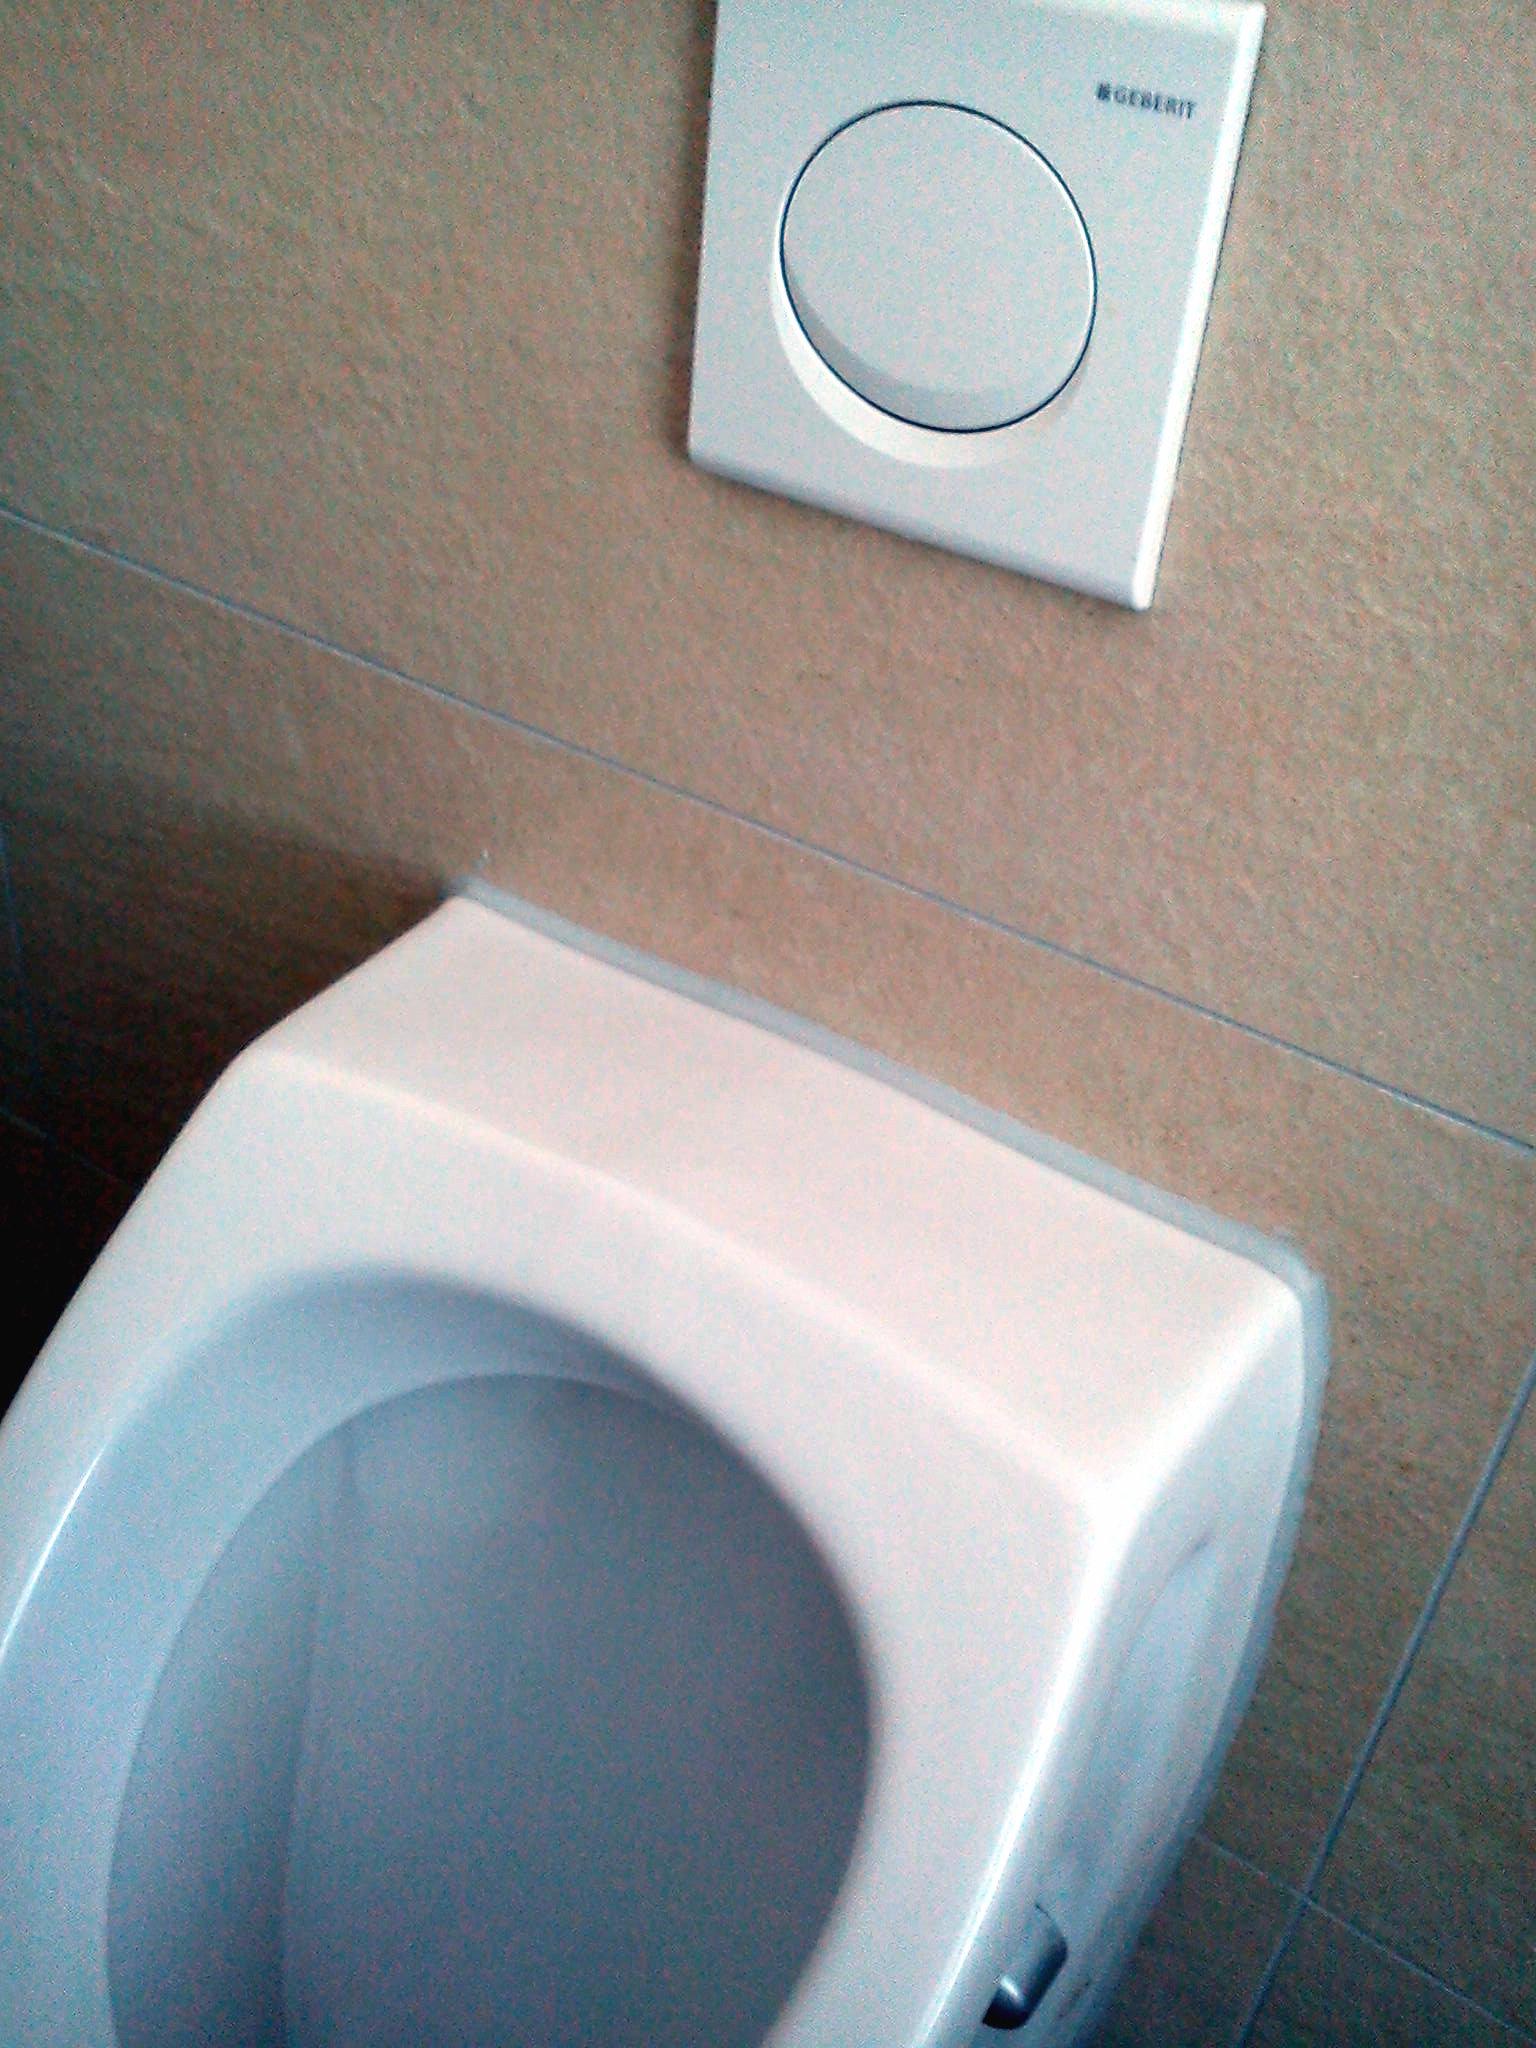 Imagenes De Limpieza Baño:Imágenes De Limpieza De Oficinas Llamar Mensaje Pictures to pin on